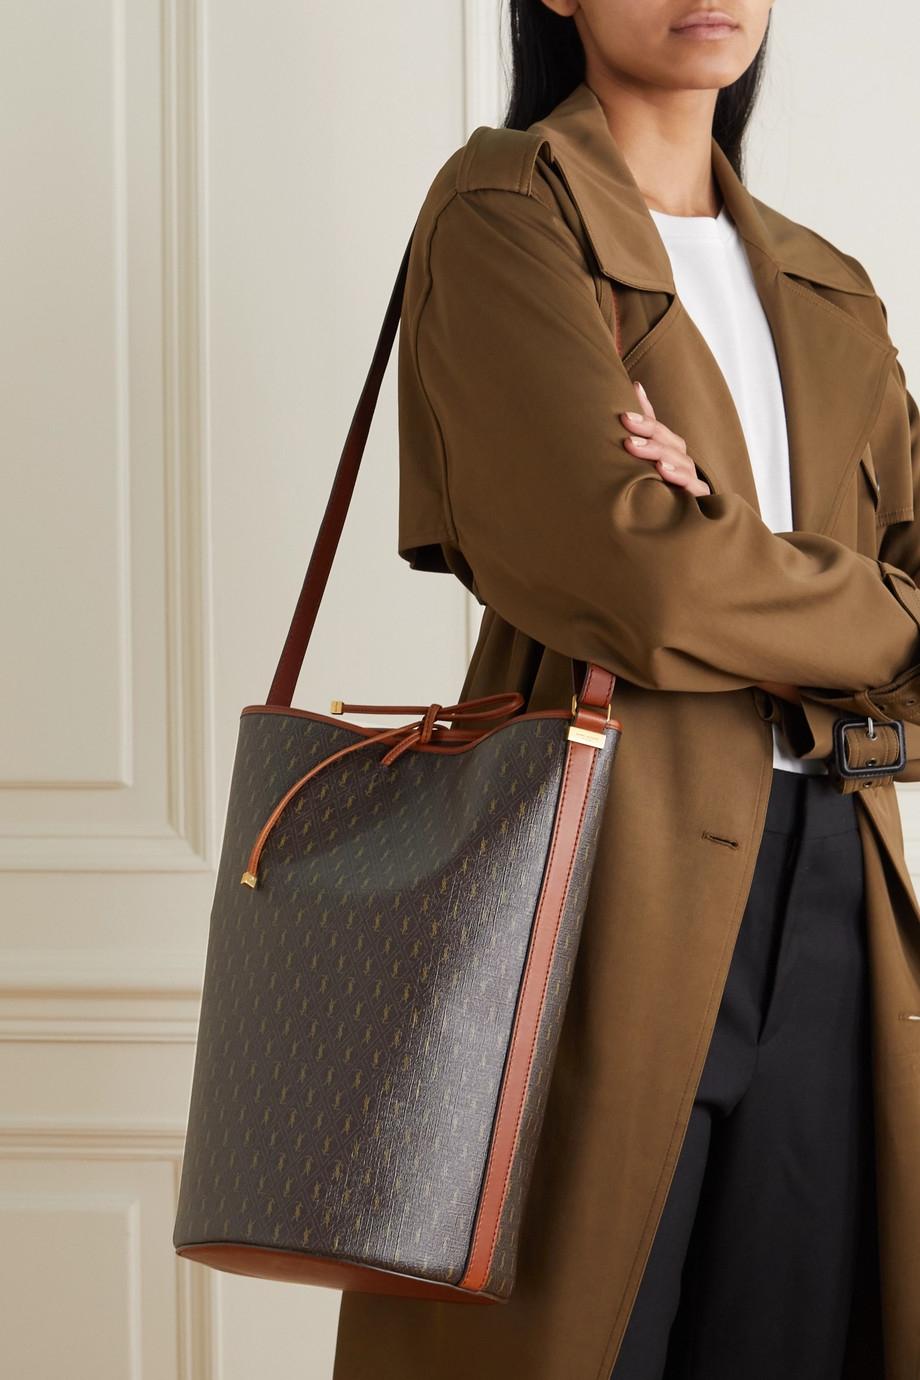 令時尚圈大開眼界的設計:Saint Laurent最新秋冬設計「復古老花手袋」傳達知性的女人最性感